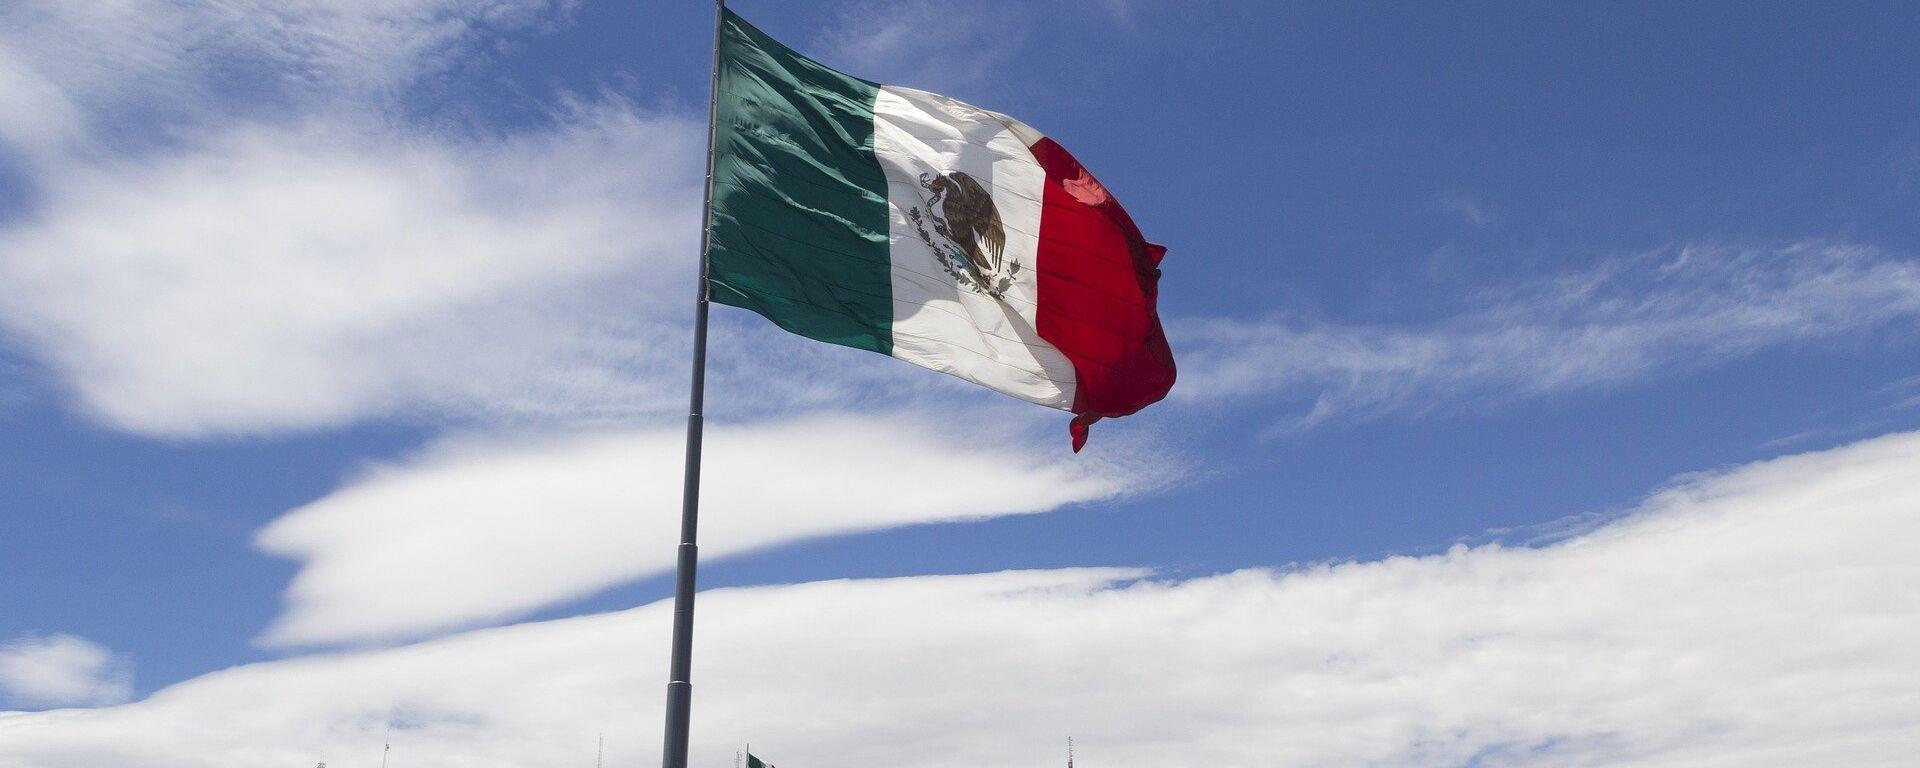 Bandera de México - Sputnik Mundo, 1920, 12.05.2020